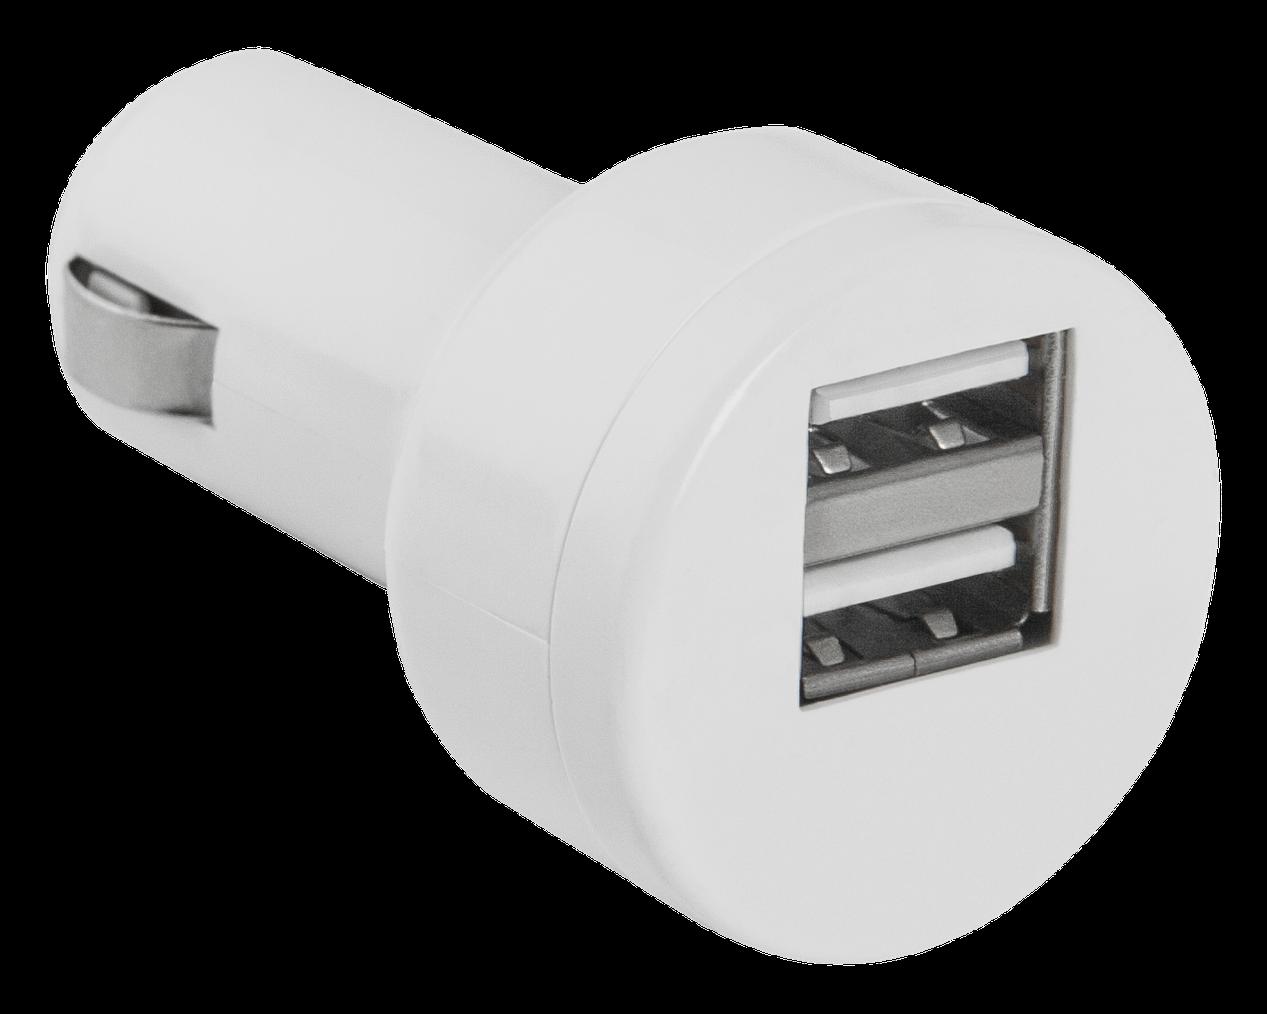 Автомобильный адаптер Defender ECA-15 (2 порта USB, 5V/2А)